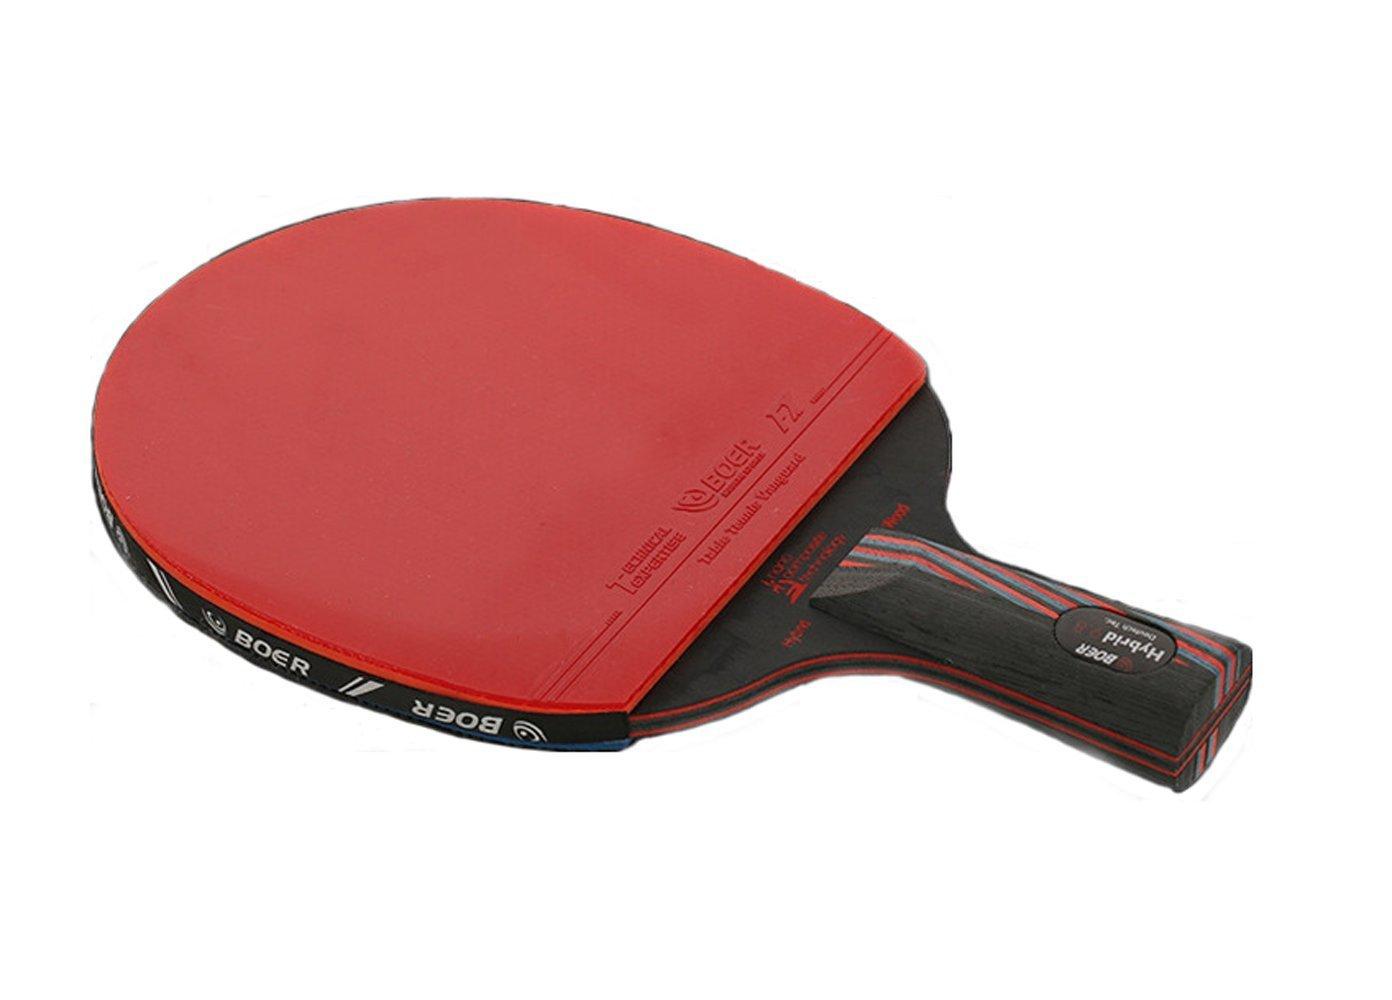 Boer S series table tennis racket, long handle and short handle two table tennis rackets nano carbon king table tennis racket